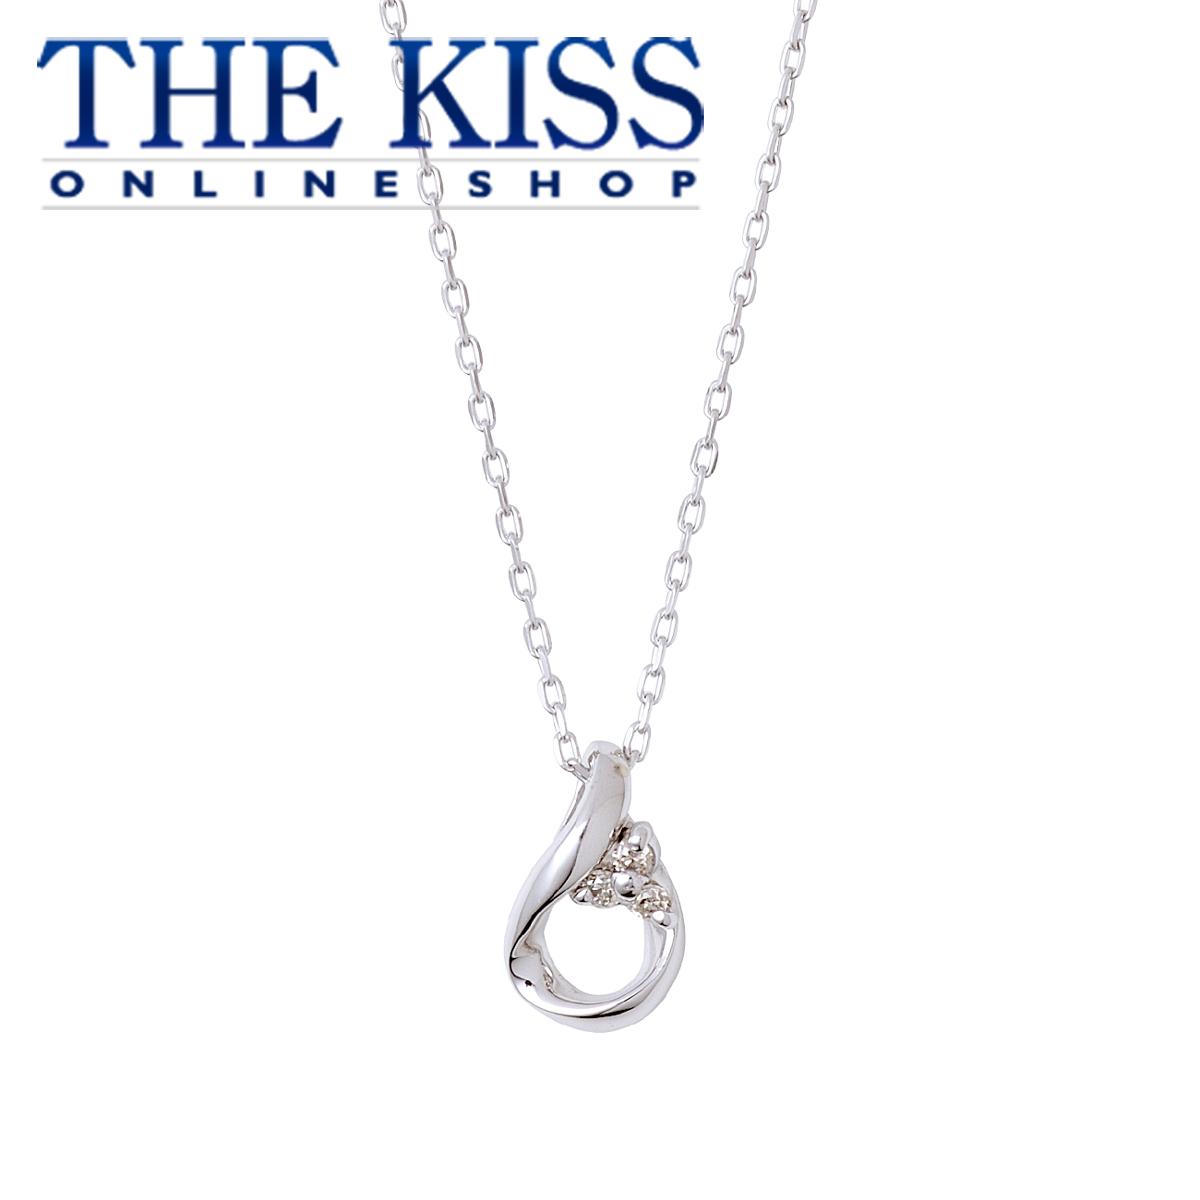 【ネット限定】【あす楽対応】【送料無料】【THEKISS】THE KISS 公式サイト K10ホワイトゴールド ネックレス レディースジュエリー・アクセサリー ジュエリーブランド THEKISS ネックレス LU-N2902WG ザキス